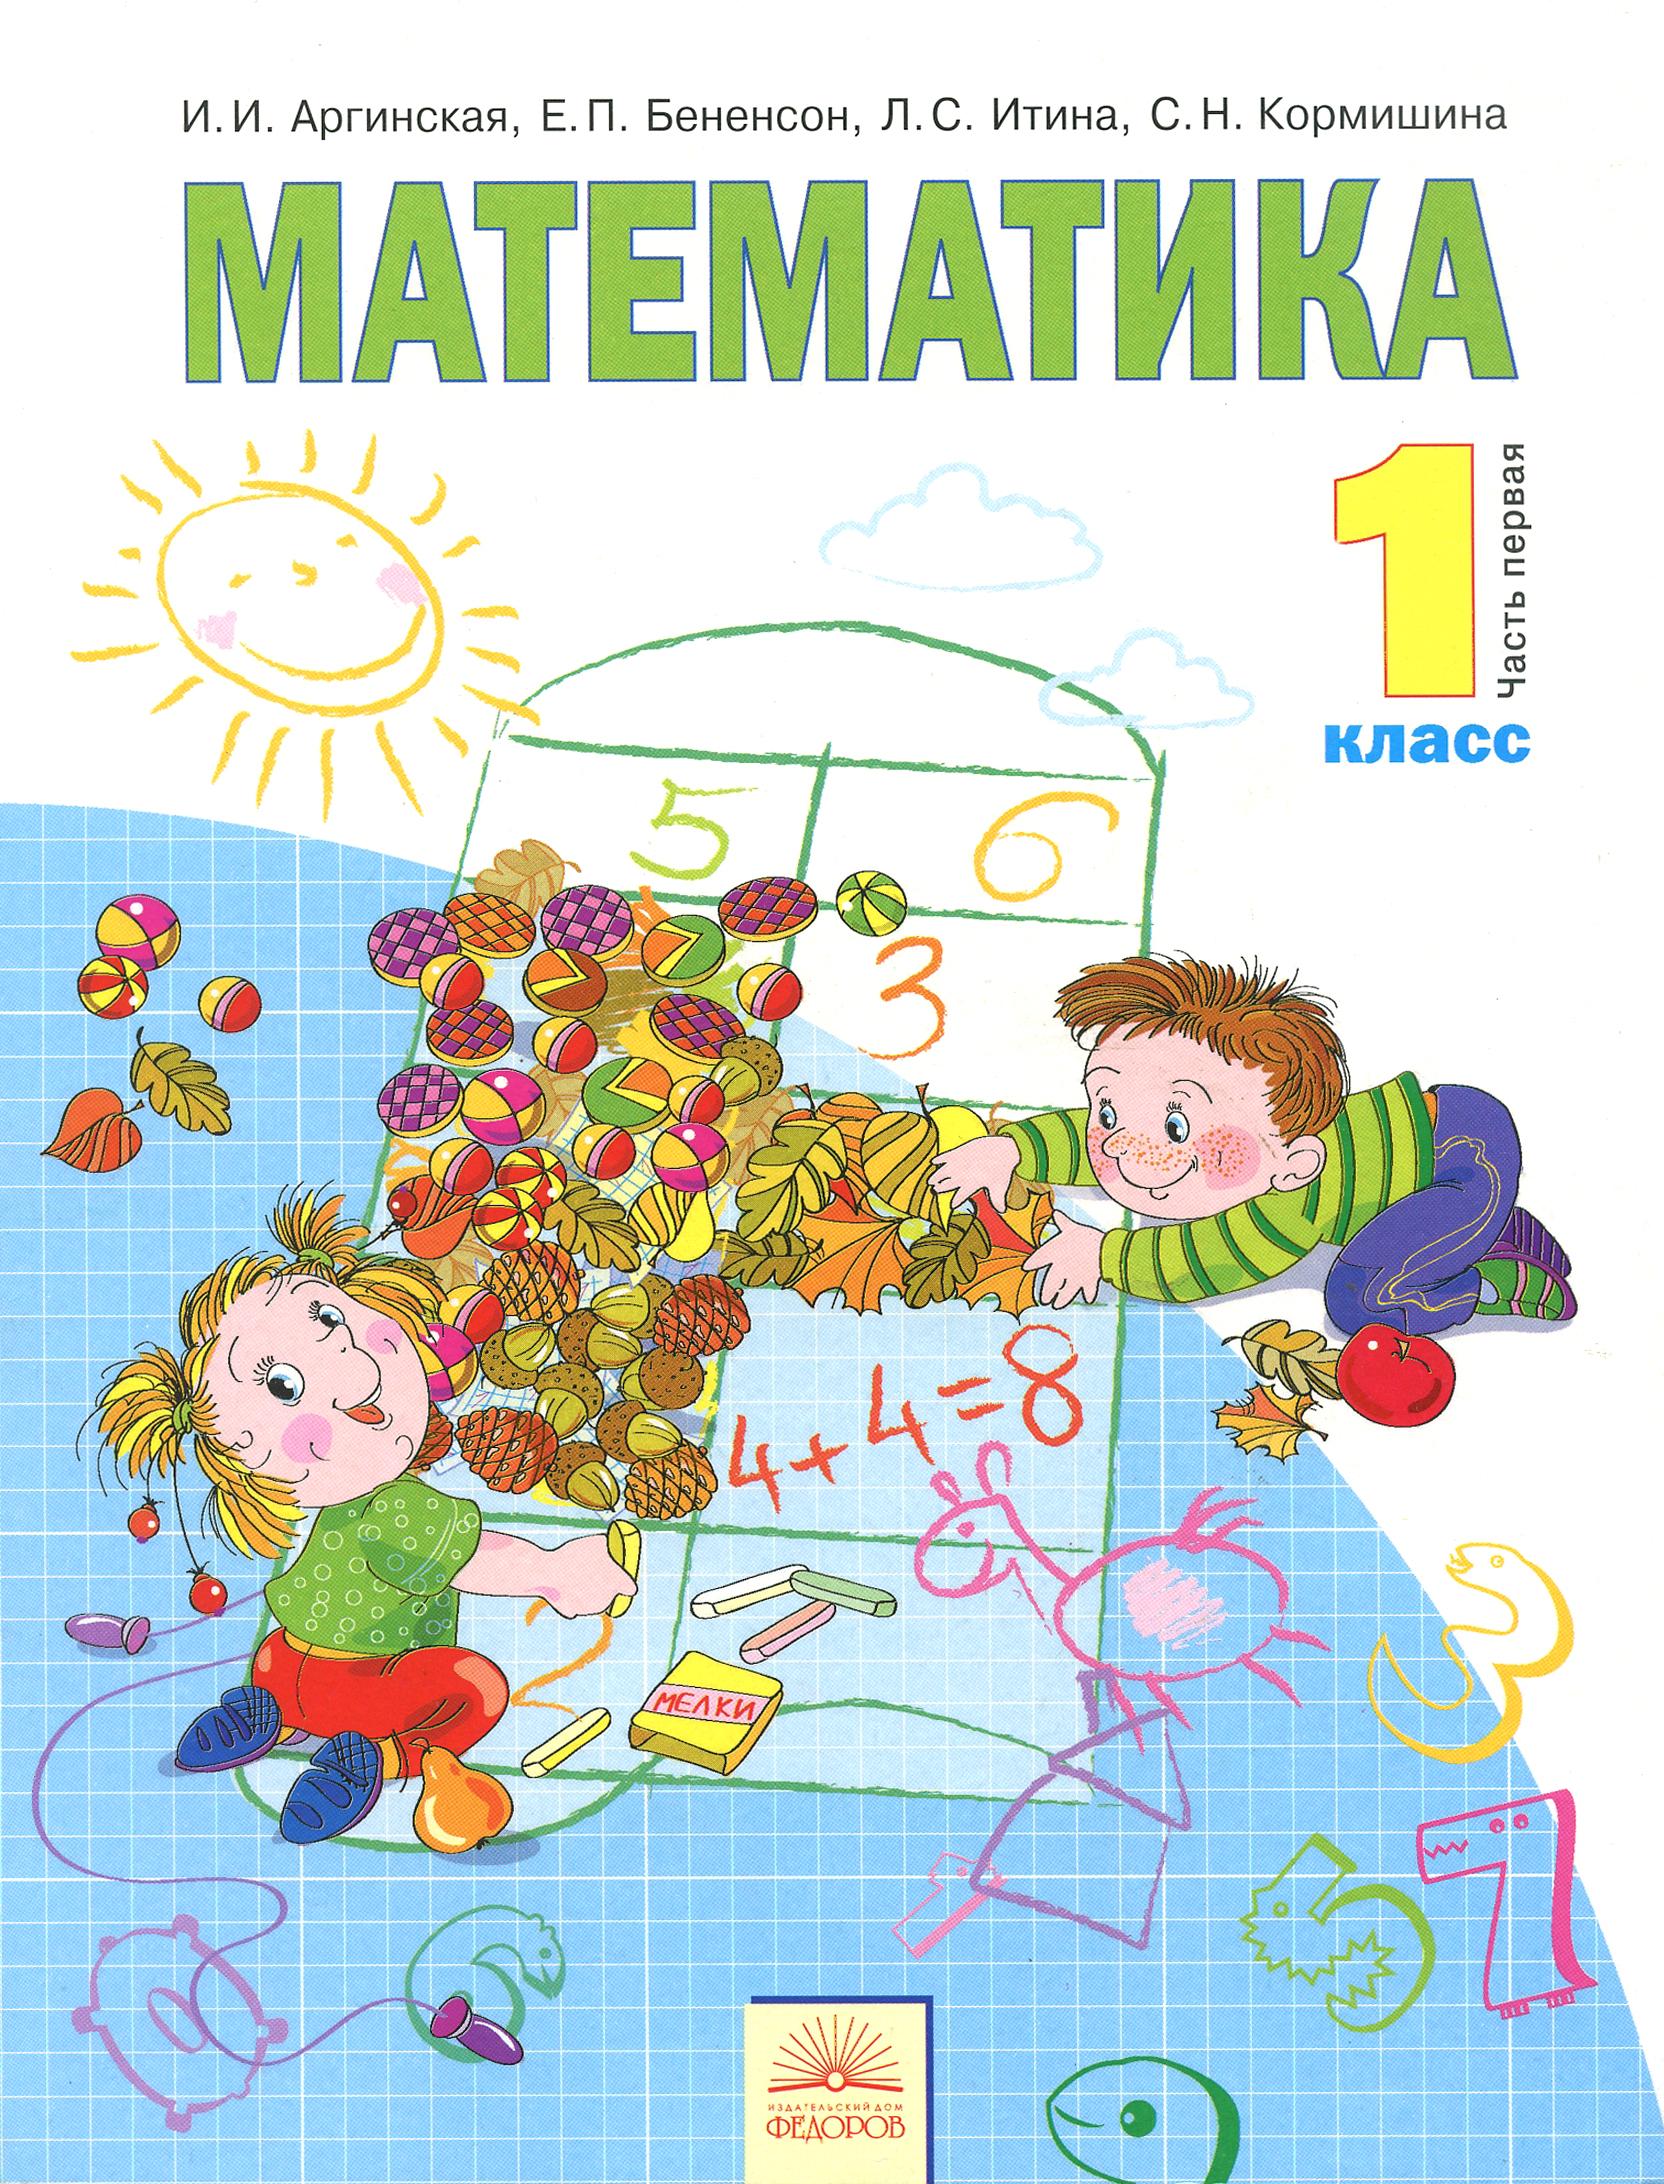 И. И. Аргинская, Е. П. Бененсон, Л. С. Итина, С. Н. Кормишина Математика. 1 класс. В 2-х частях. Часть 1. Учебник бененсон е итина л математика 1 класс рабочая тетрадь 1